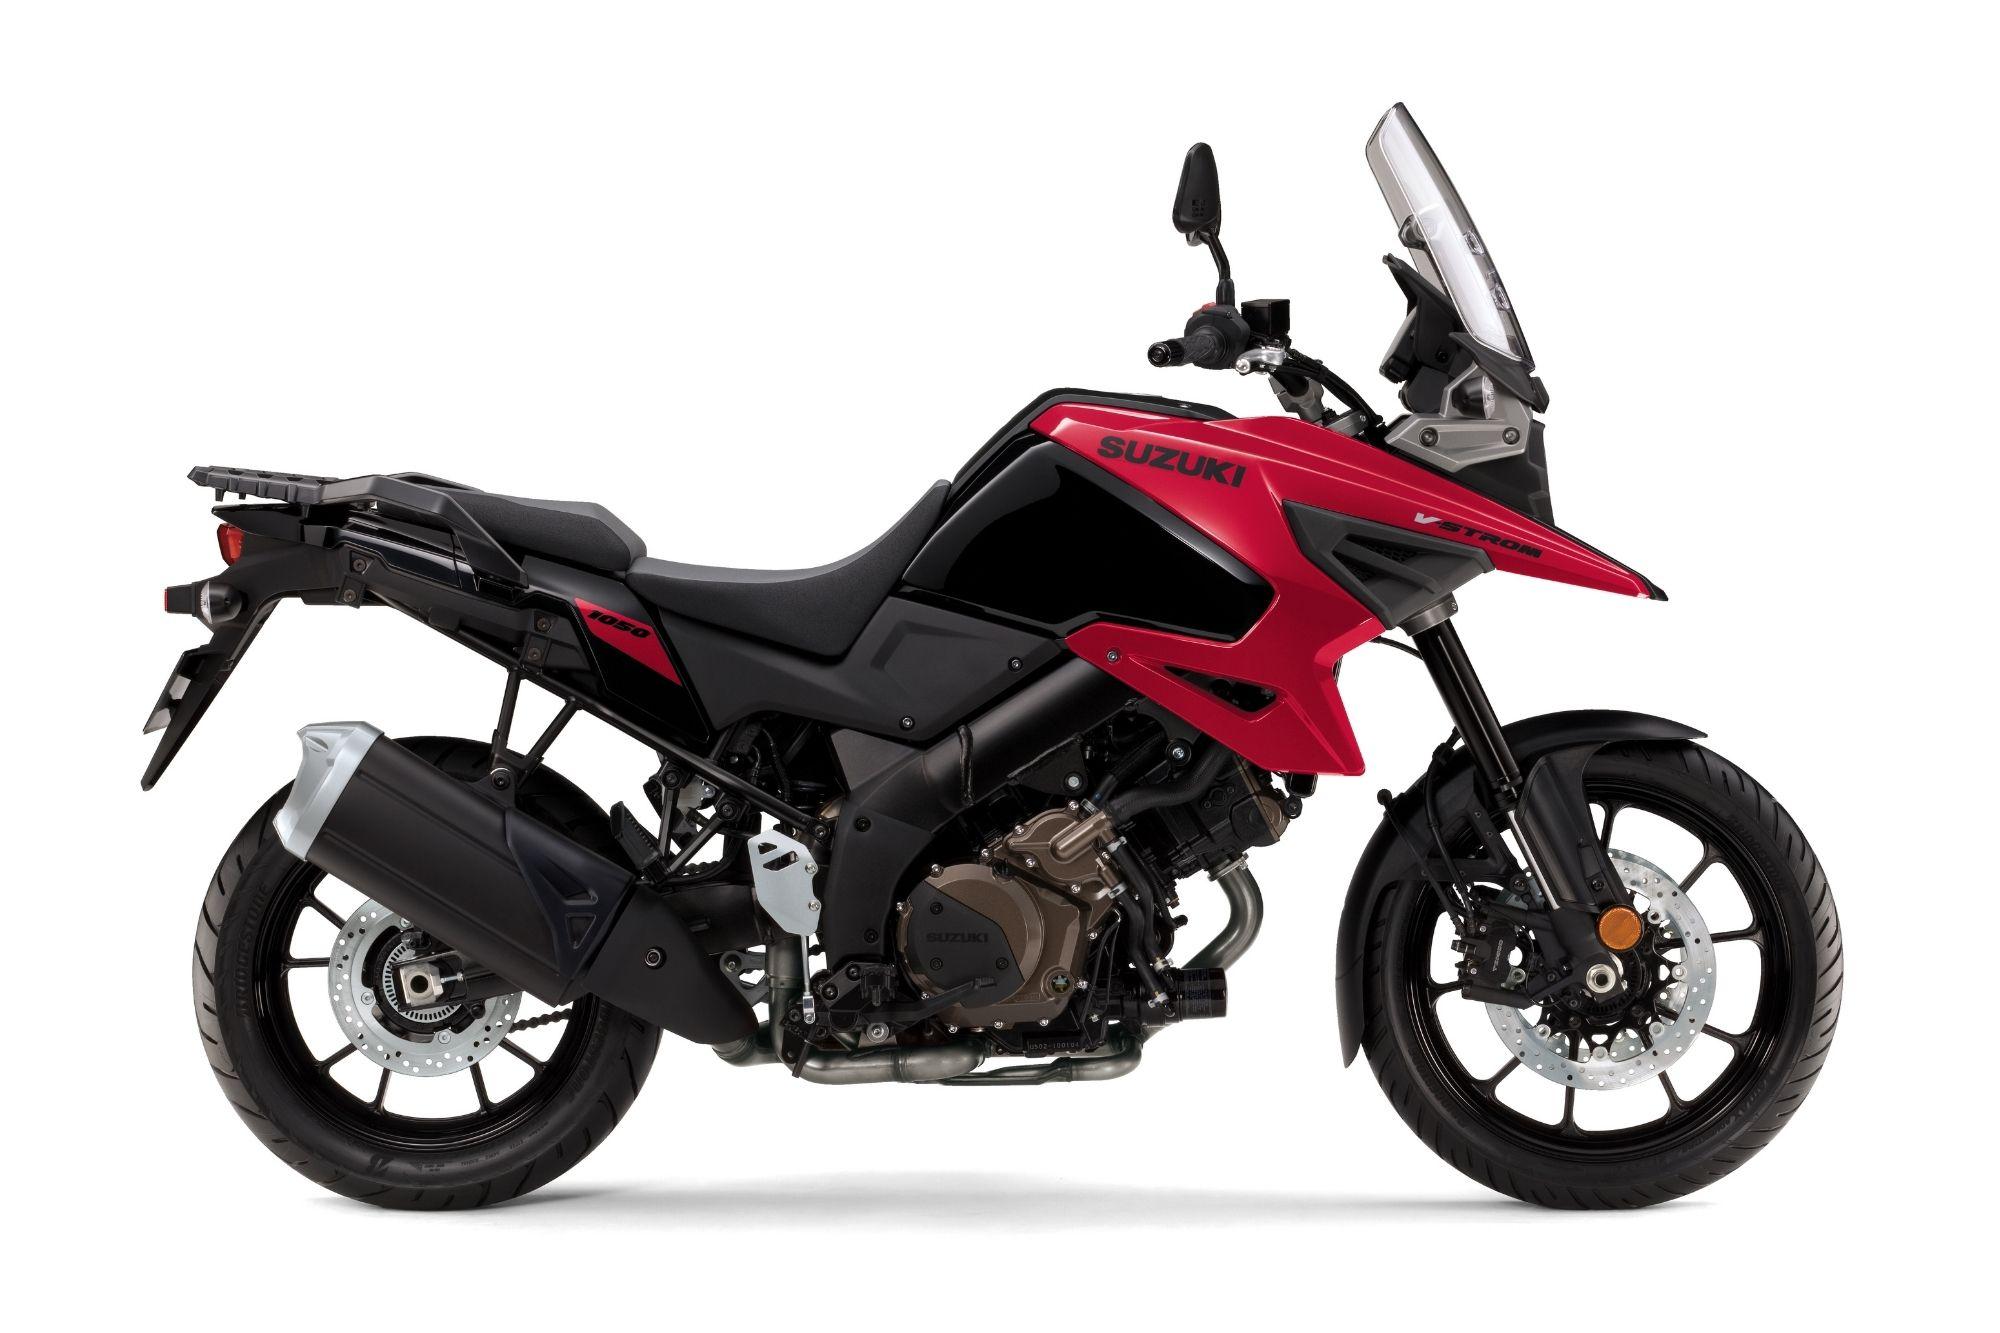 2021 Suzuki V-Strom 1050